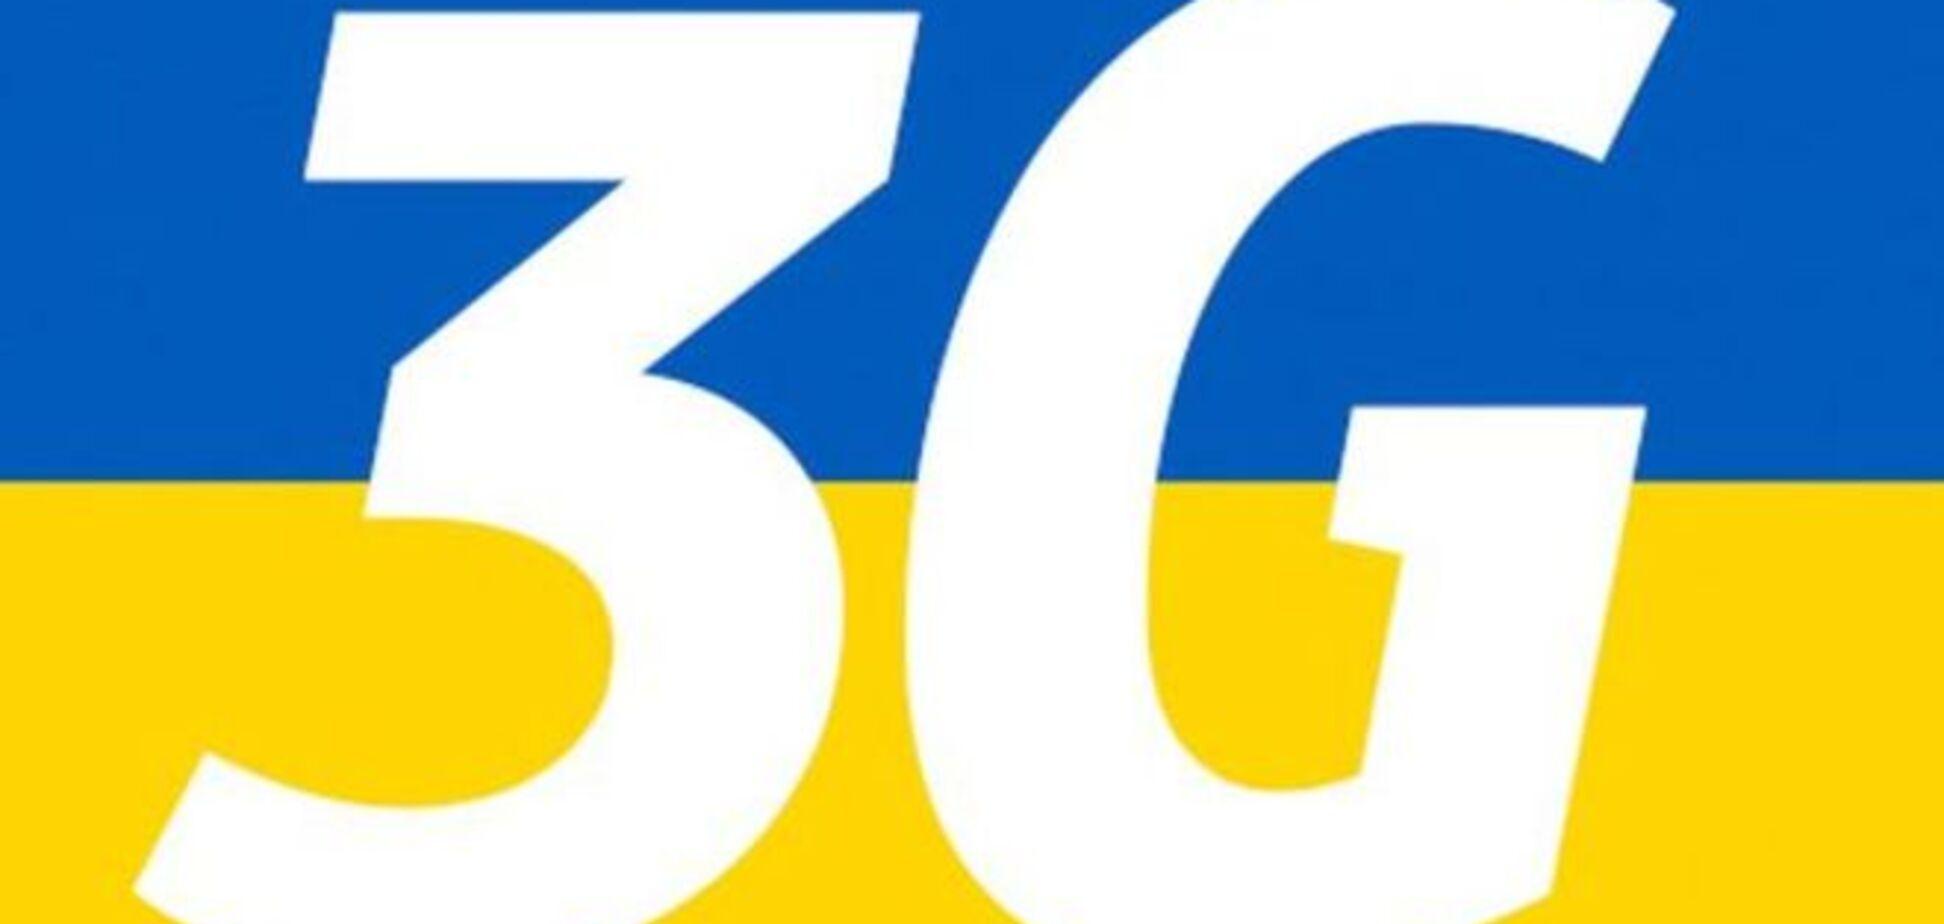 В Украине после запуска 3G ожидают подорожание мобильной связи